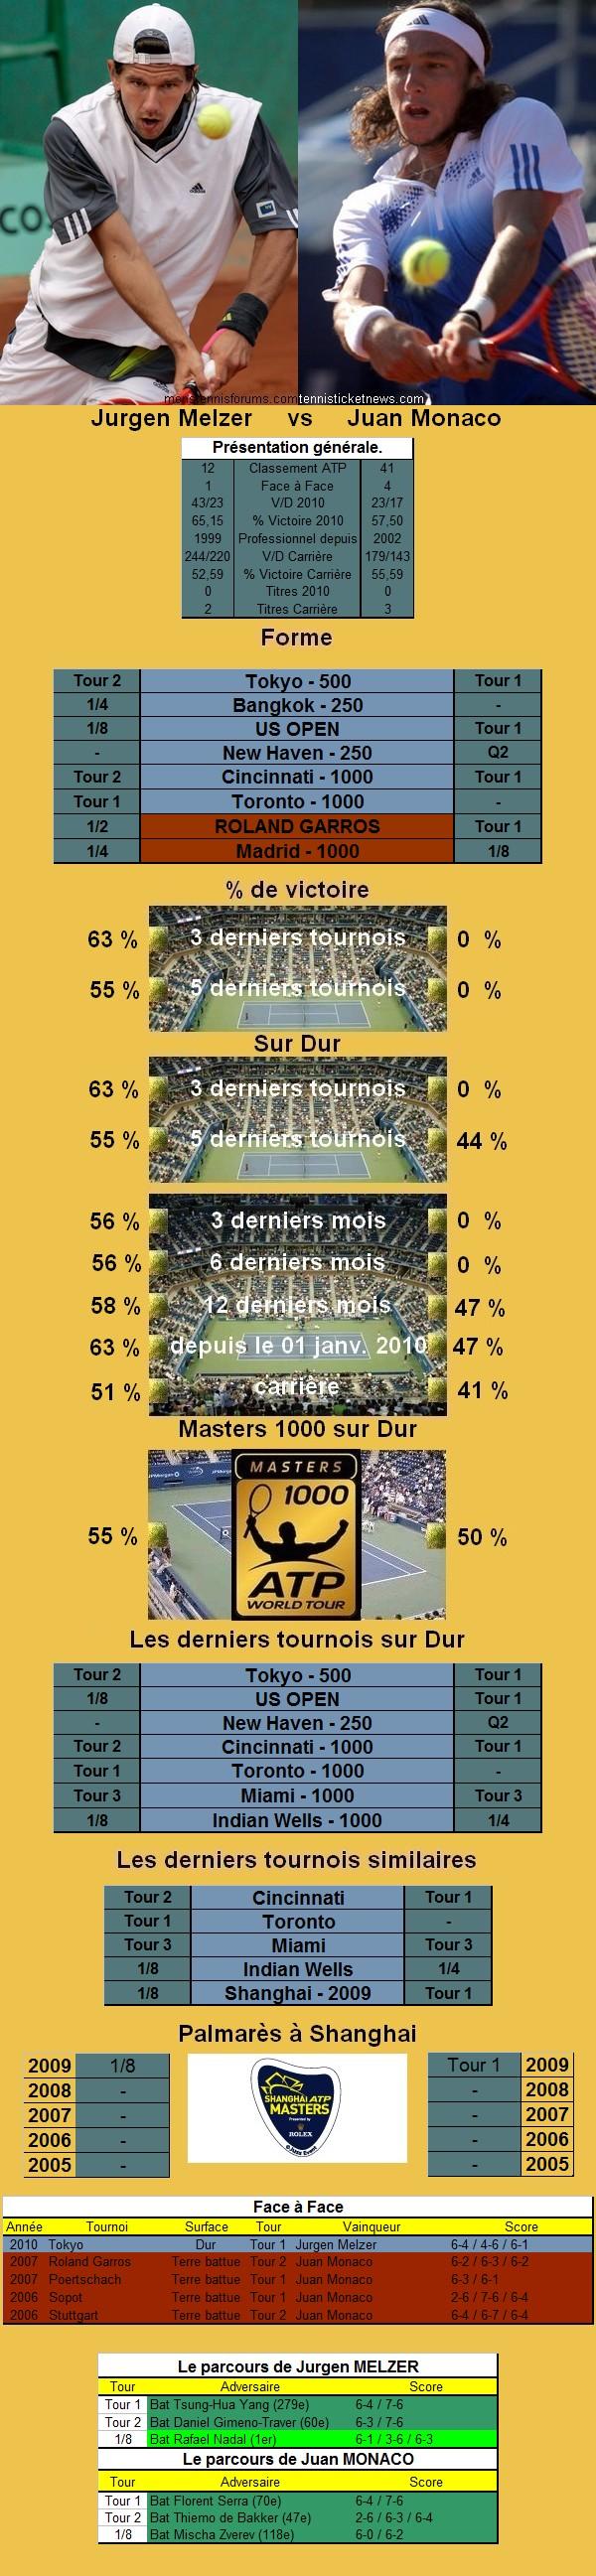 Statistiques tennis de Melzer contre Monaco à Shanghai